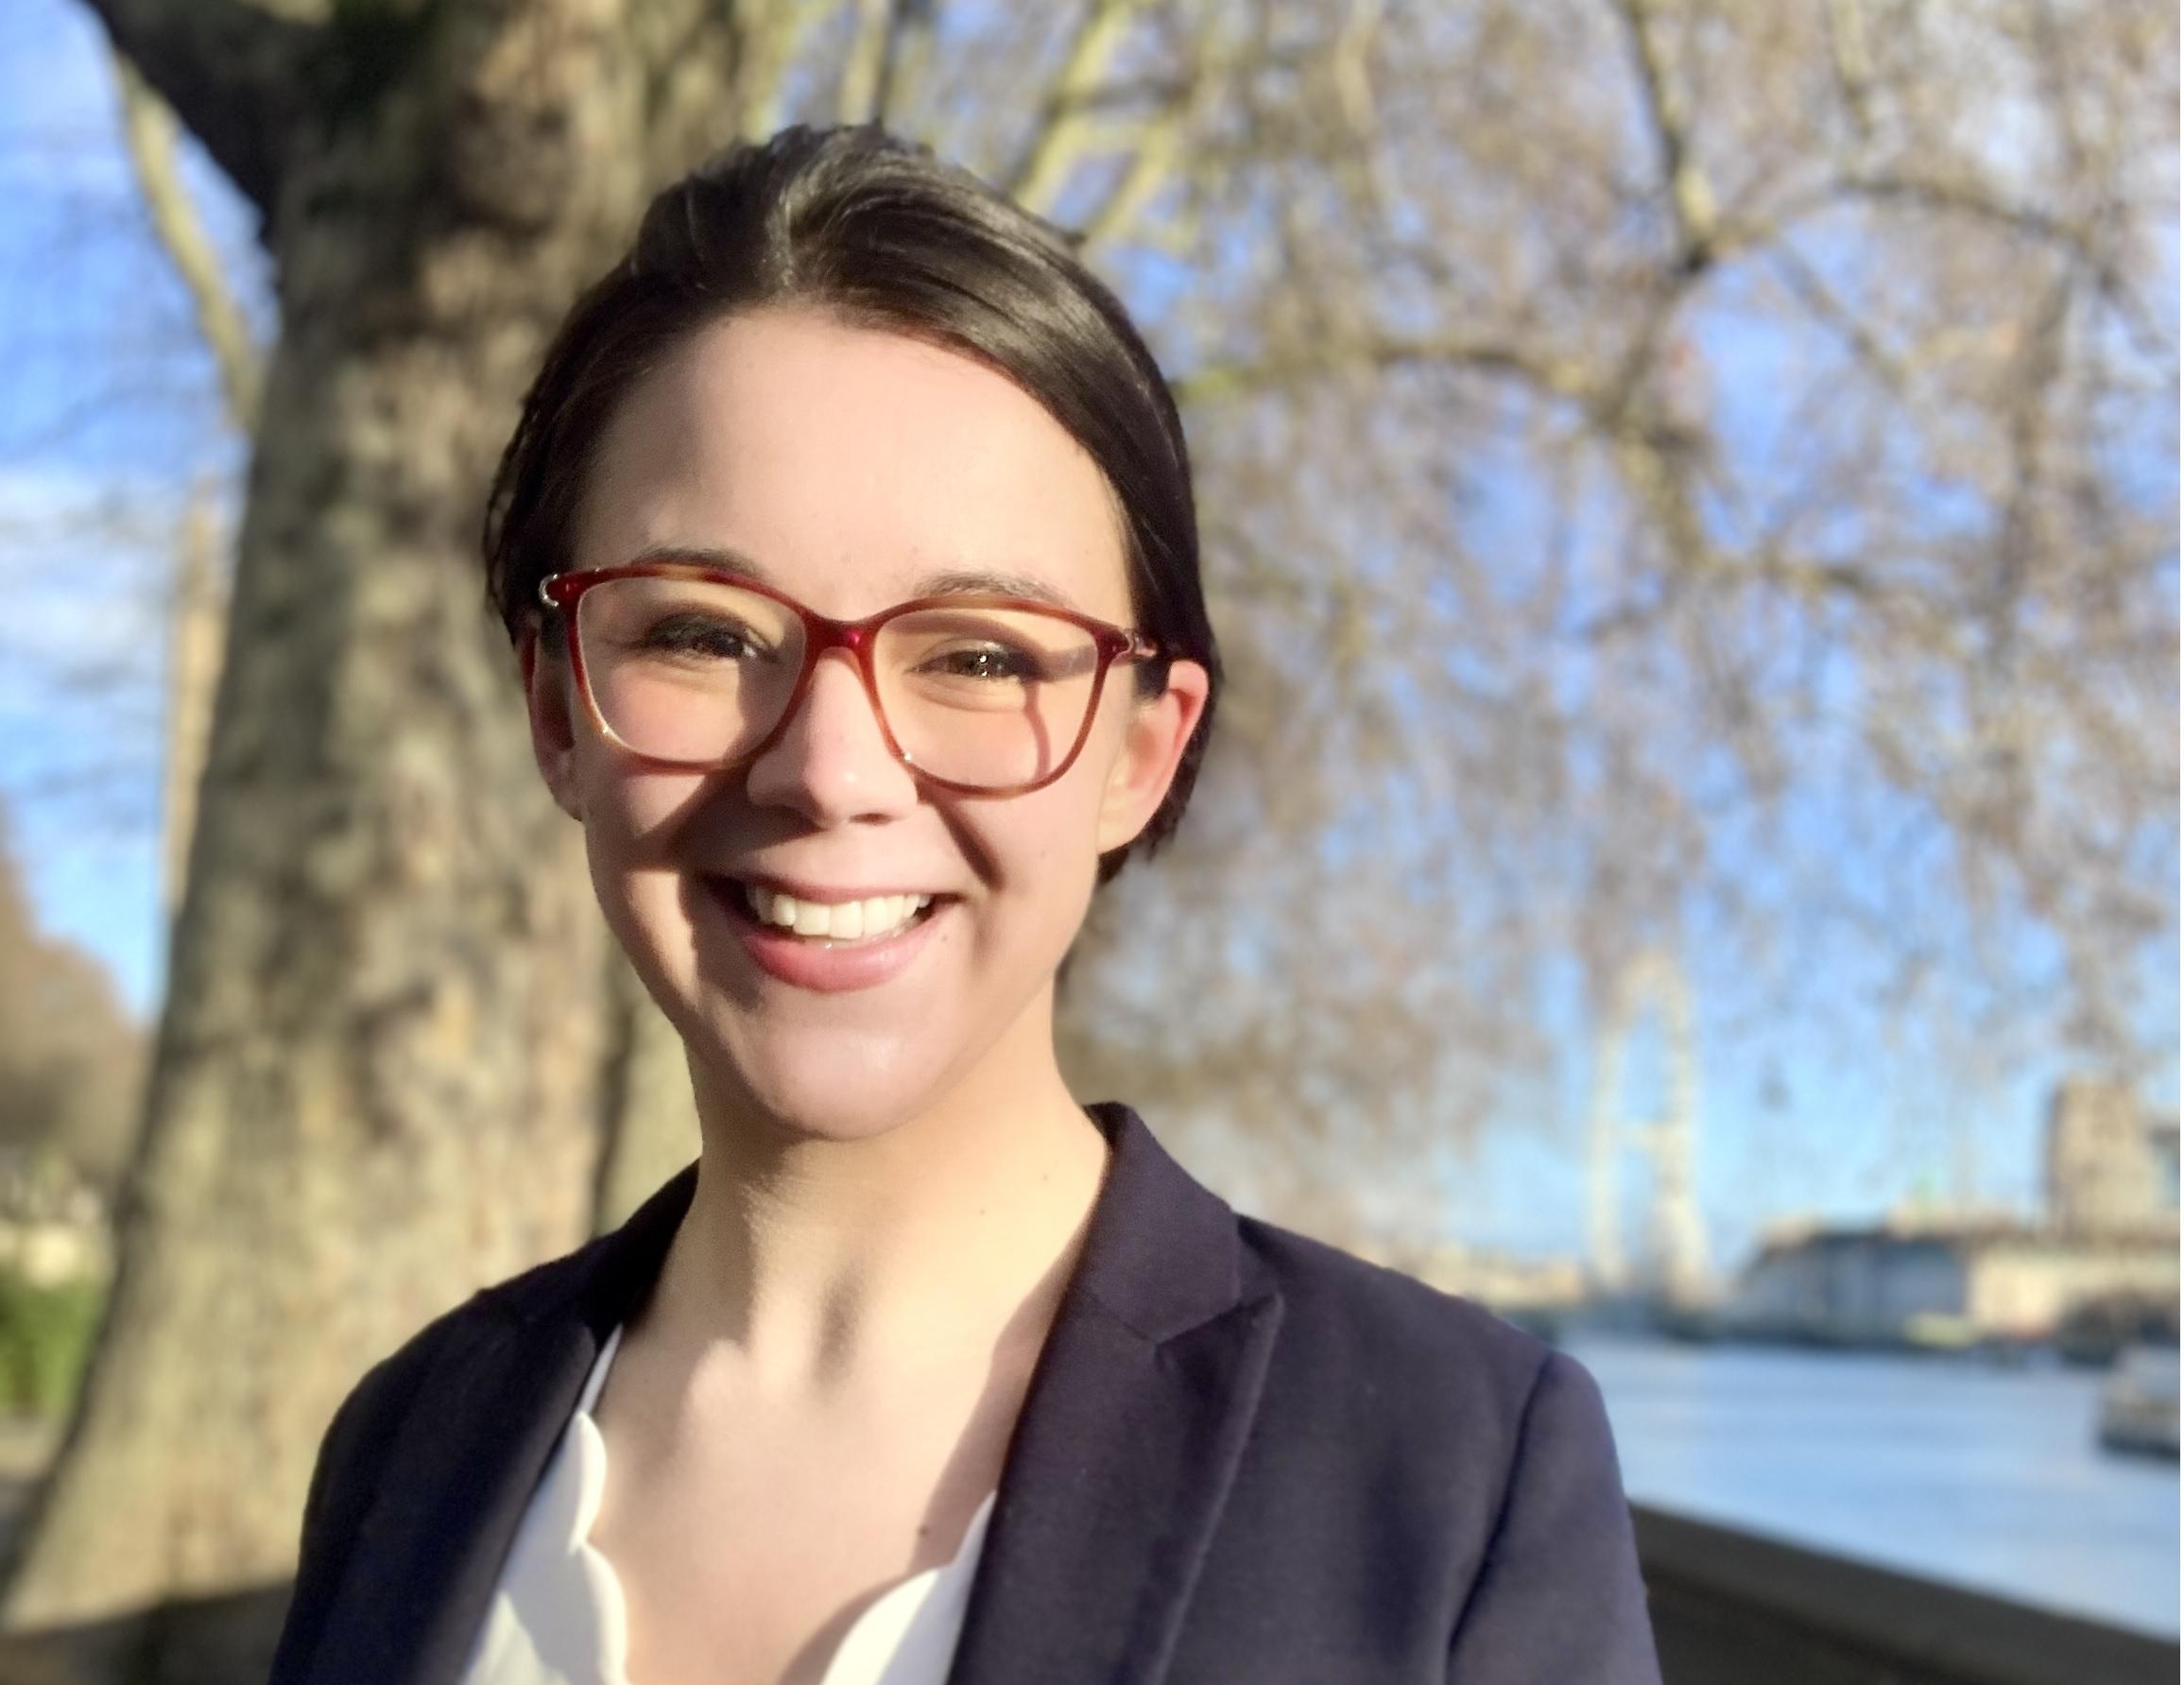 Kate Jefferson